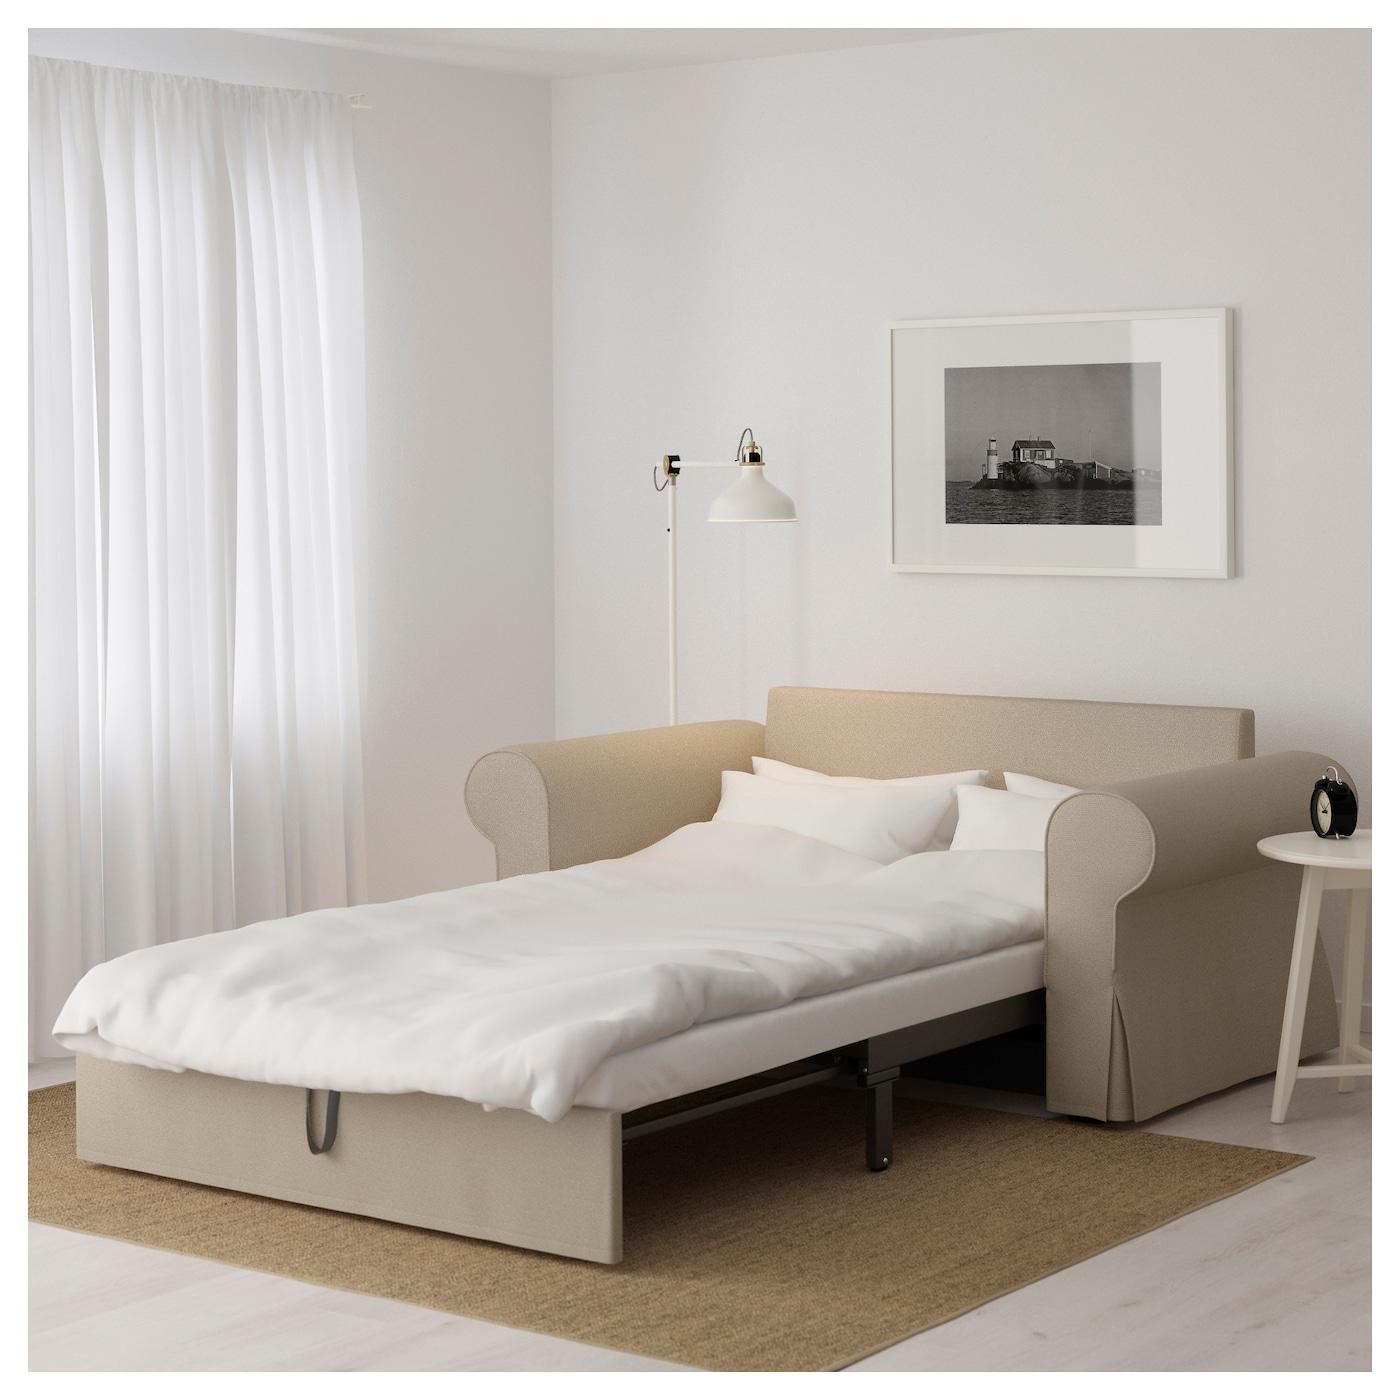 100 2 seat sofa beds tarot 2 seater sofa bed sofa beds